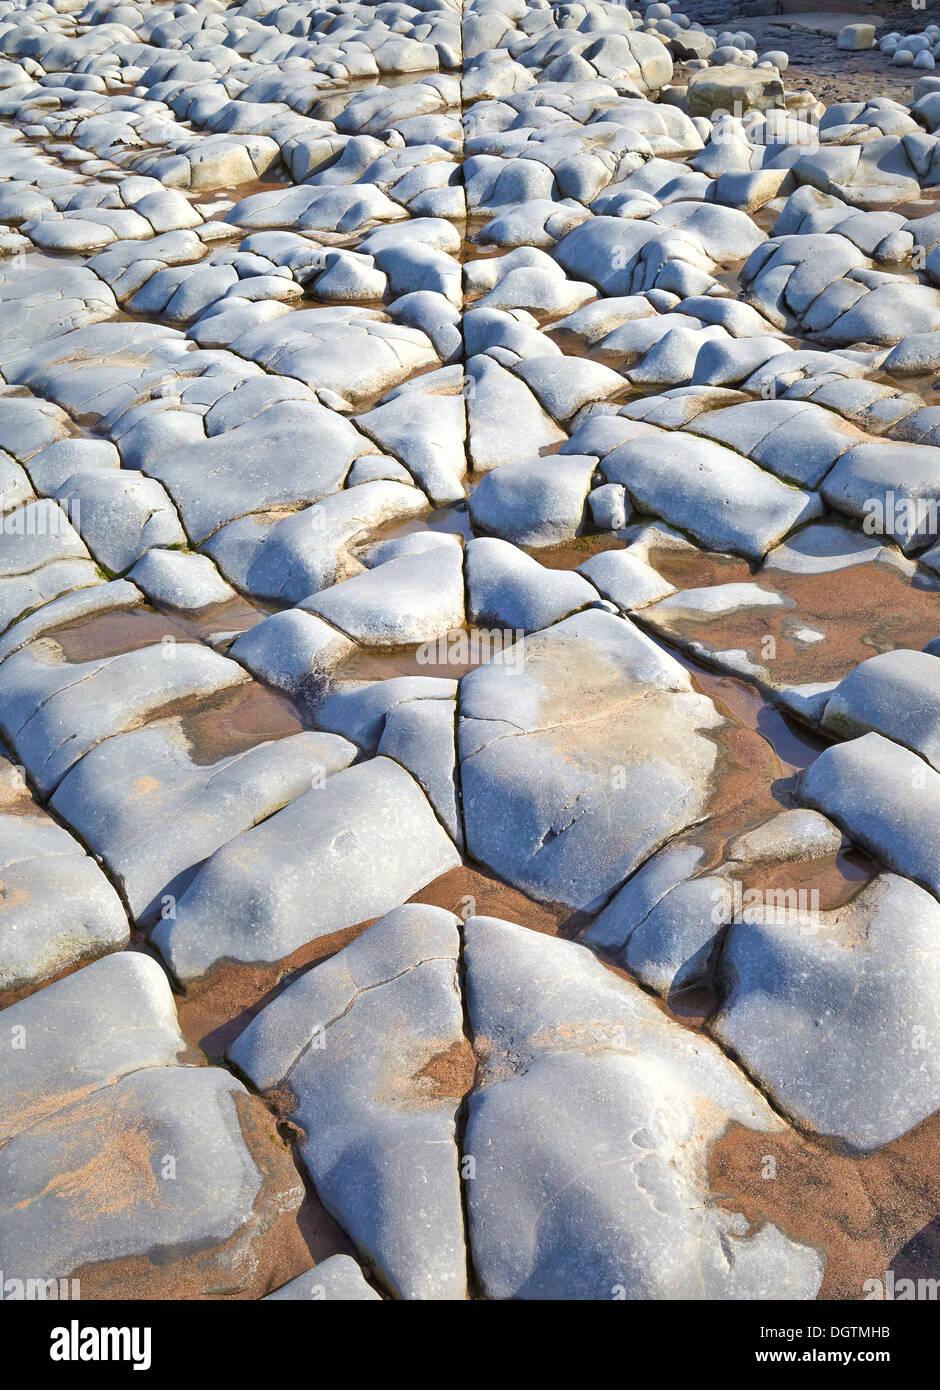 L'exécution de la ligne de défaut contre générale dans les lits de calcaire érodé Lias bleu dans l'estuaire de la Severn près de Somerset Lilstock Photo Stock